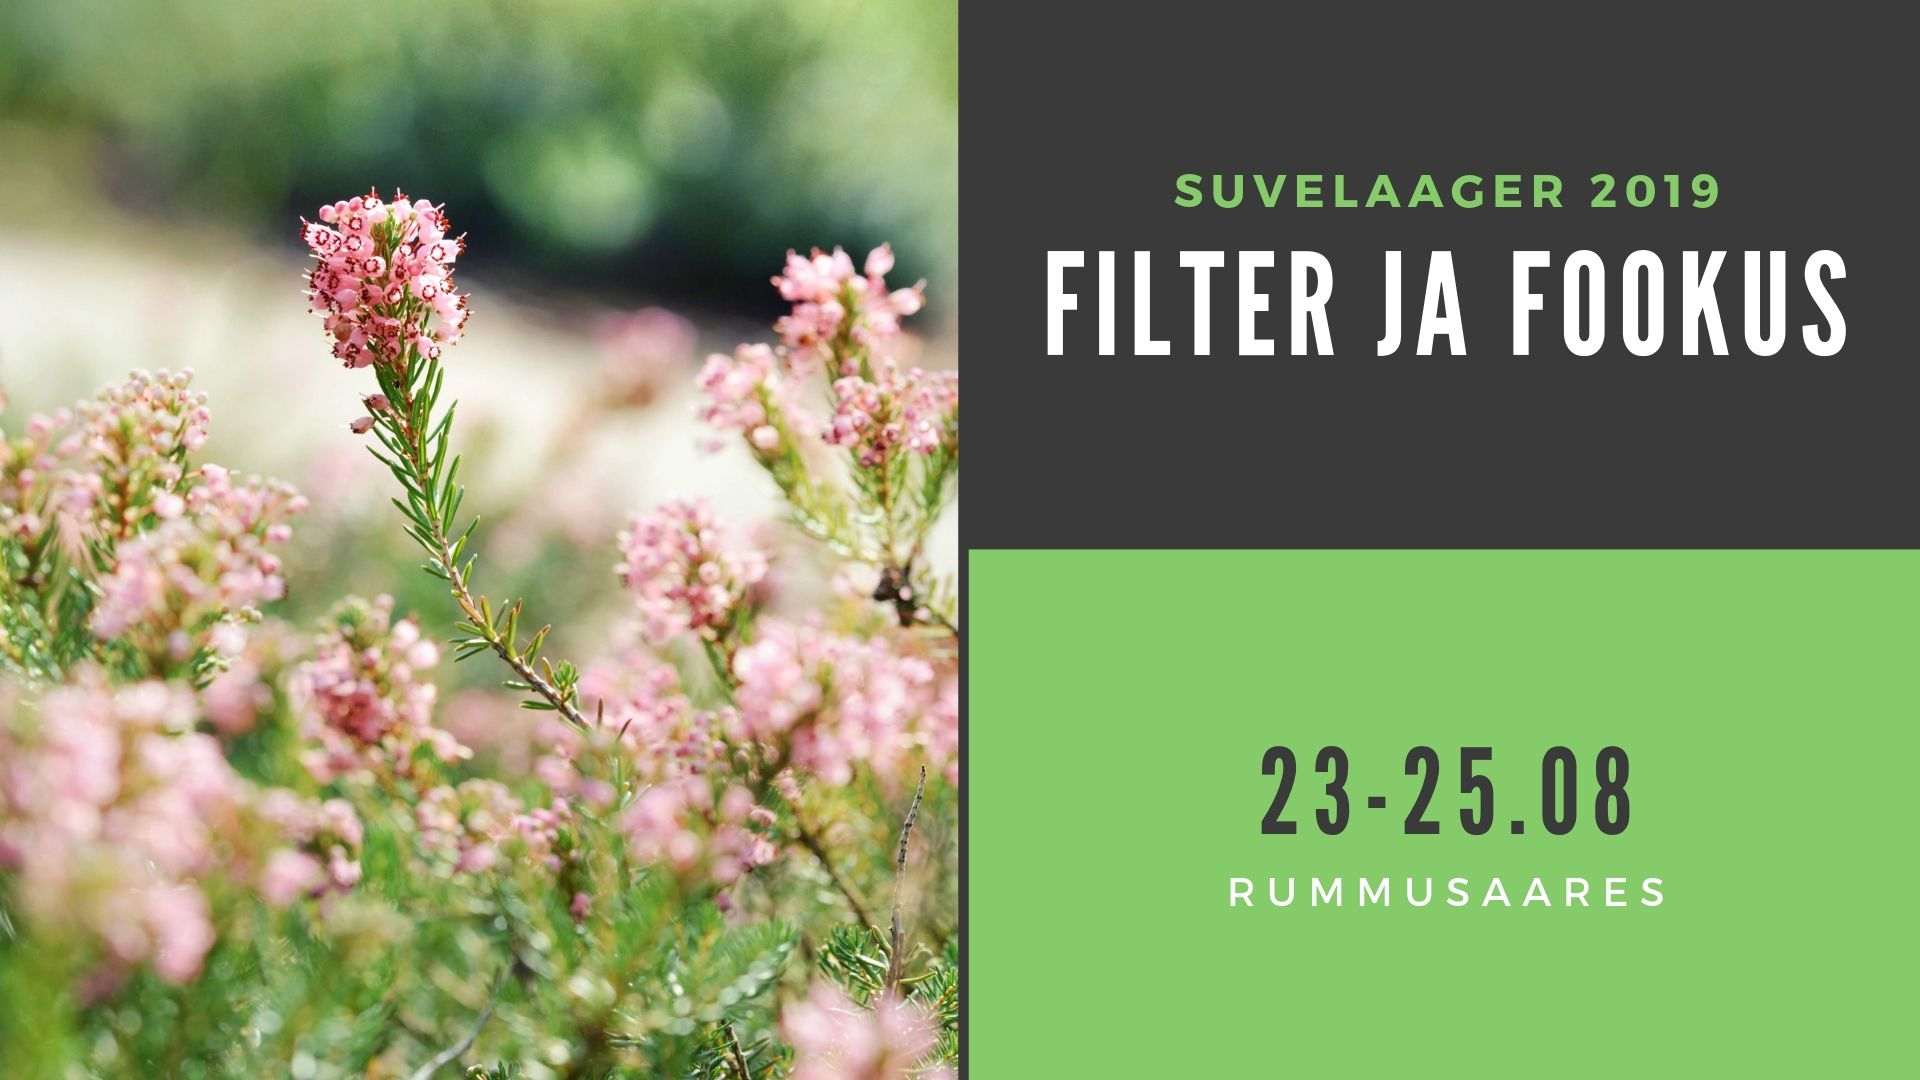 filterjafookus